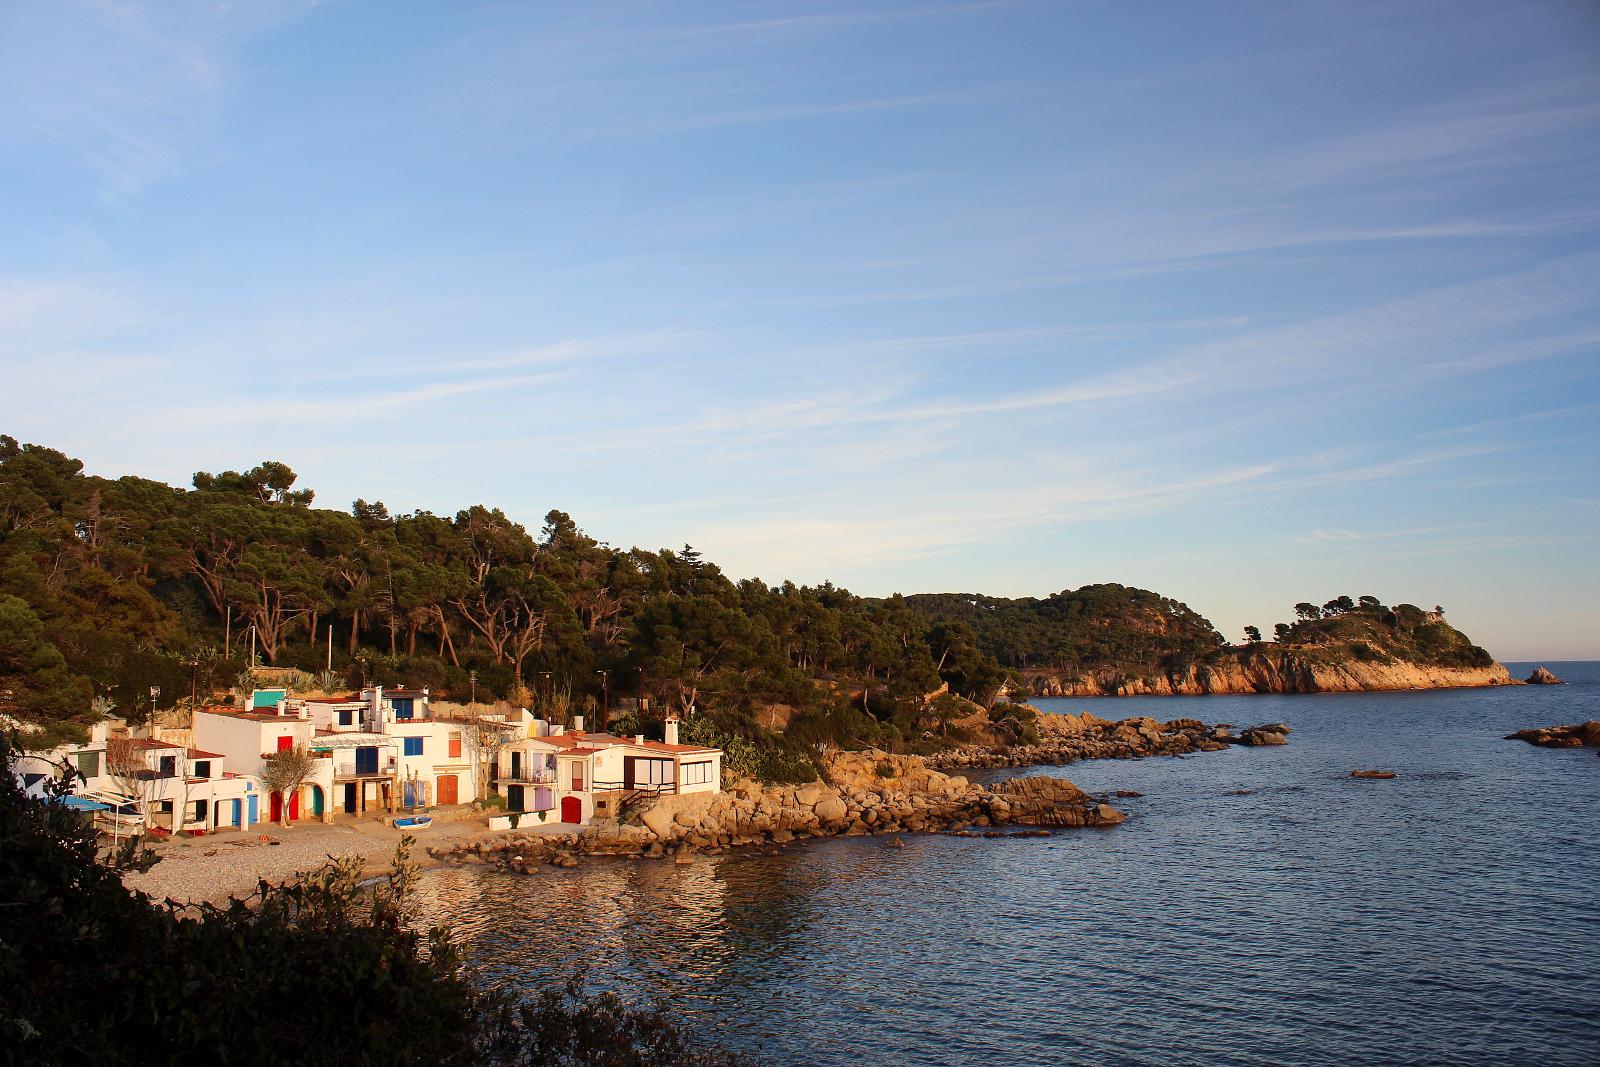 Spain's beaches catalonia